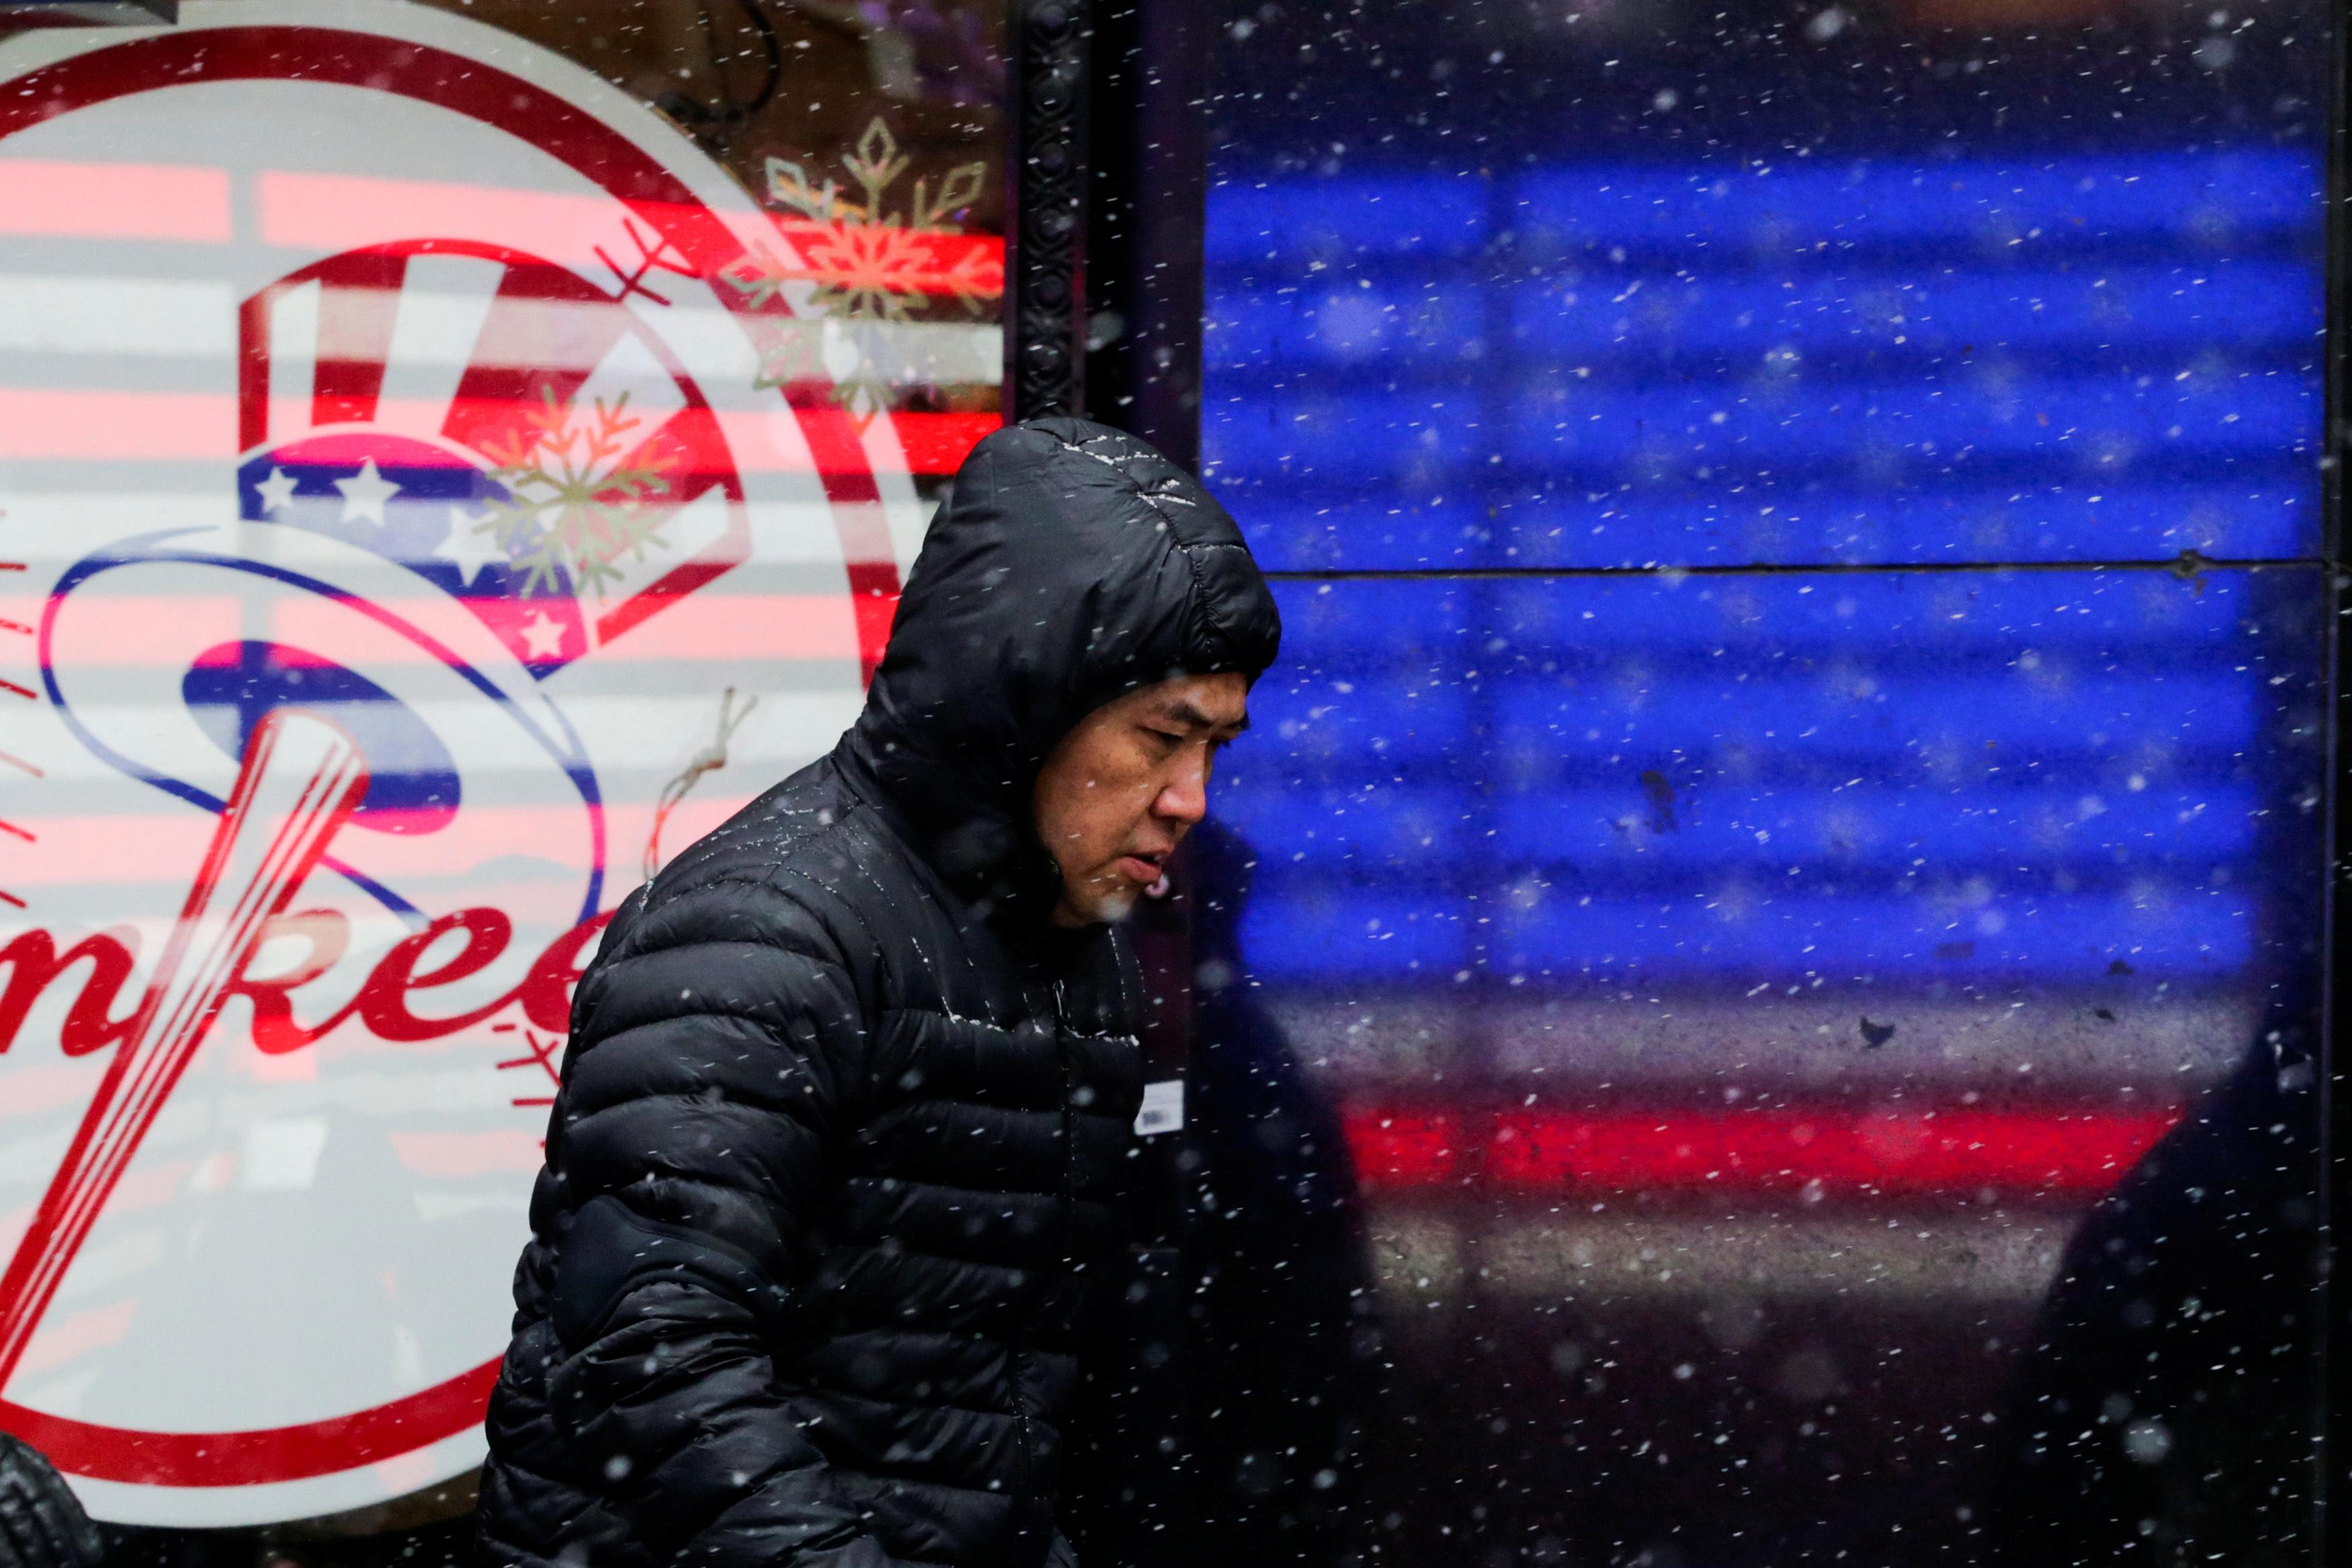 تساقط الثلوج فى ساحة تايمز سكوير